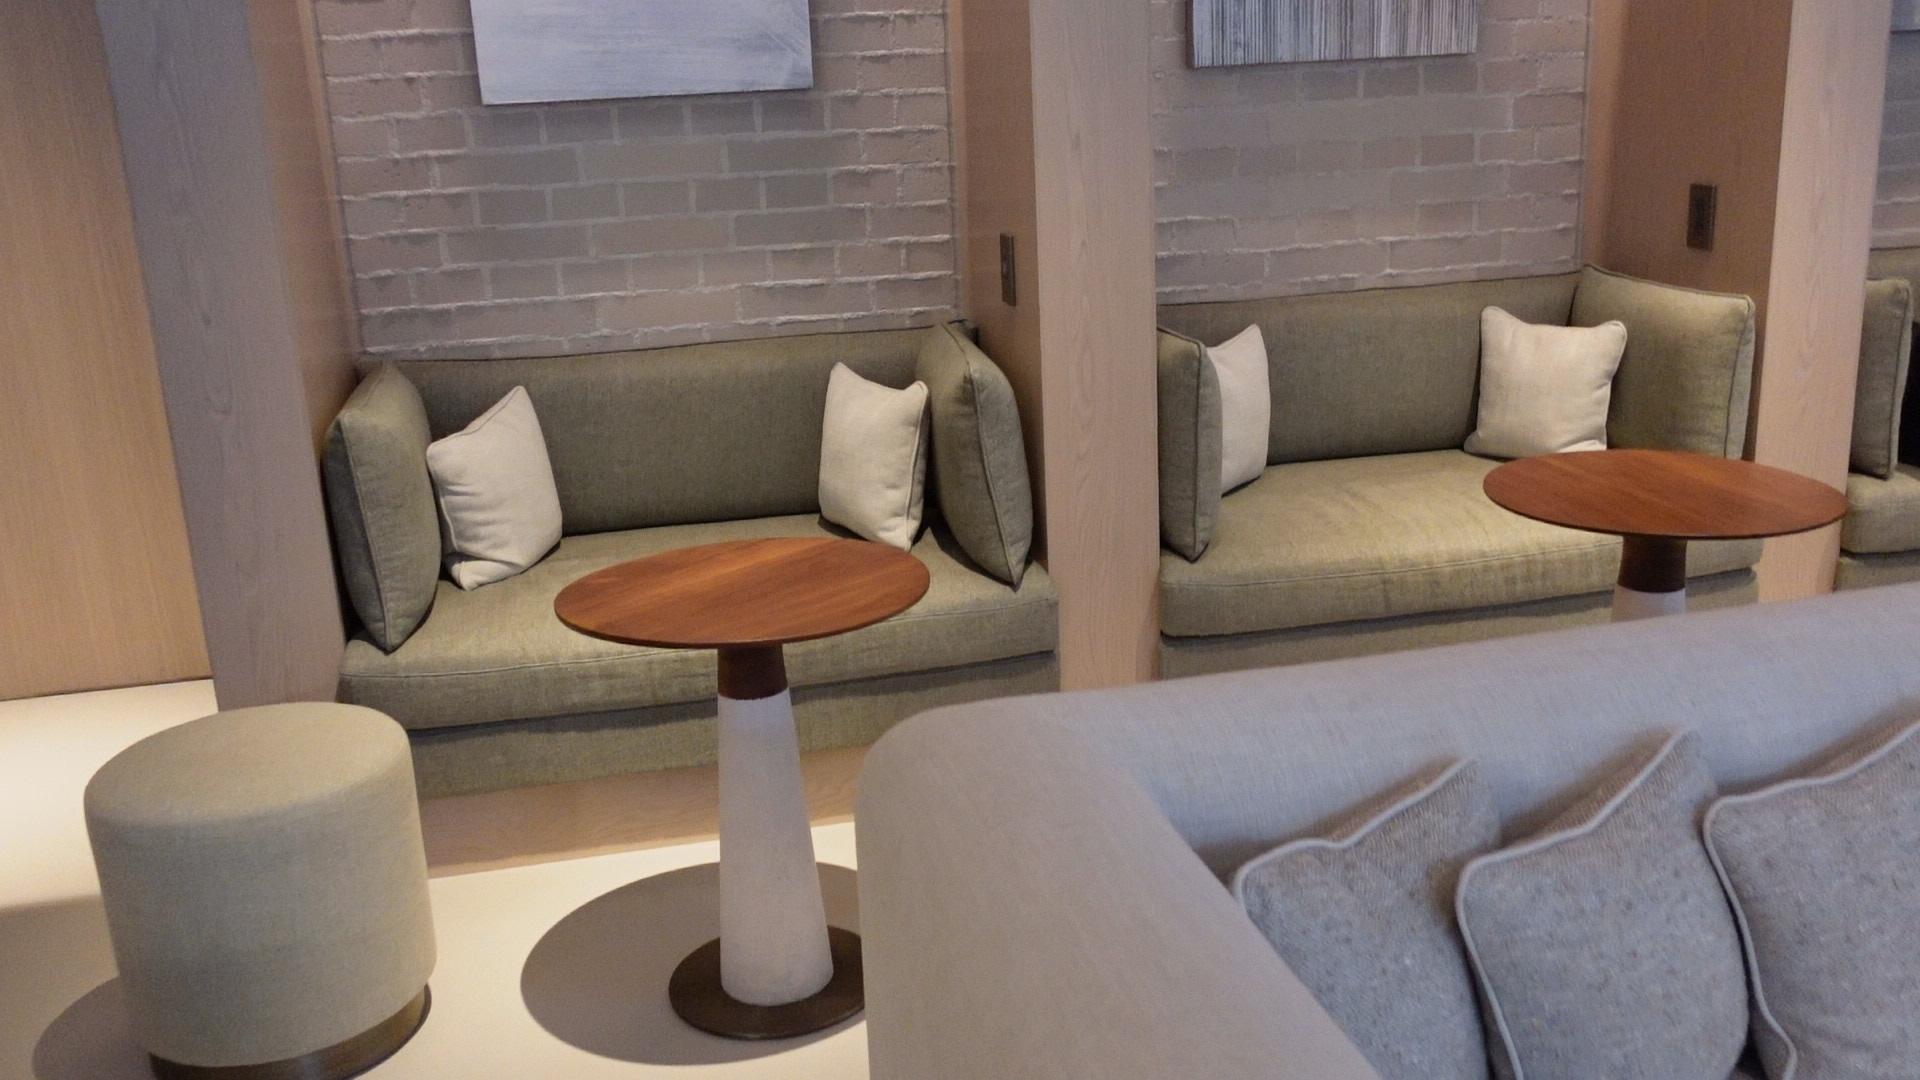 2020年7月にNew OpenしたZentis OSAKAに宿泊してみたらスタイリッシュかつ朝食が美味しい!?_3